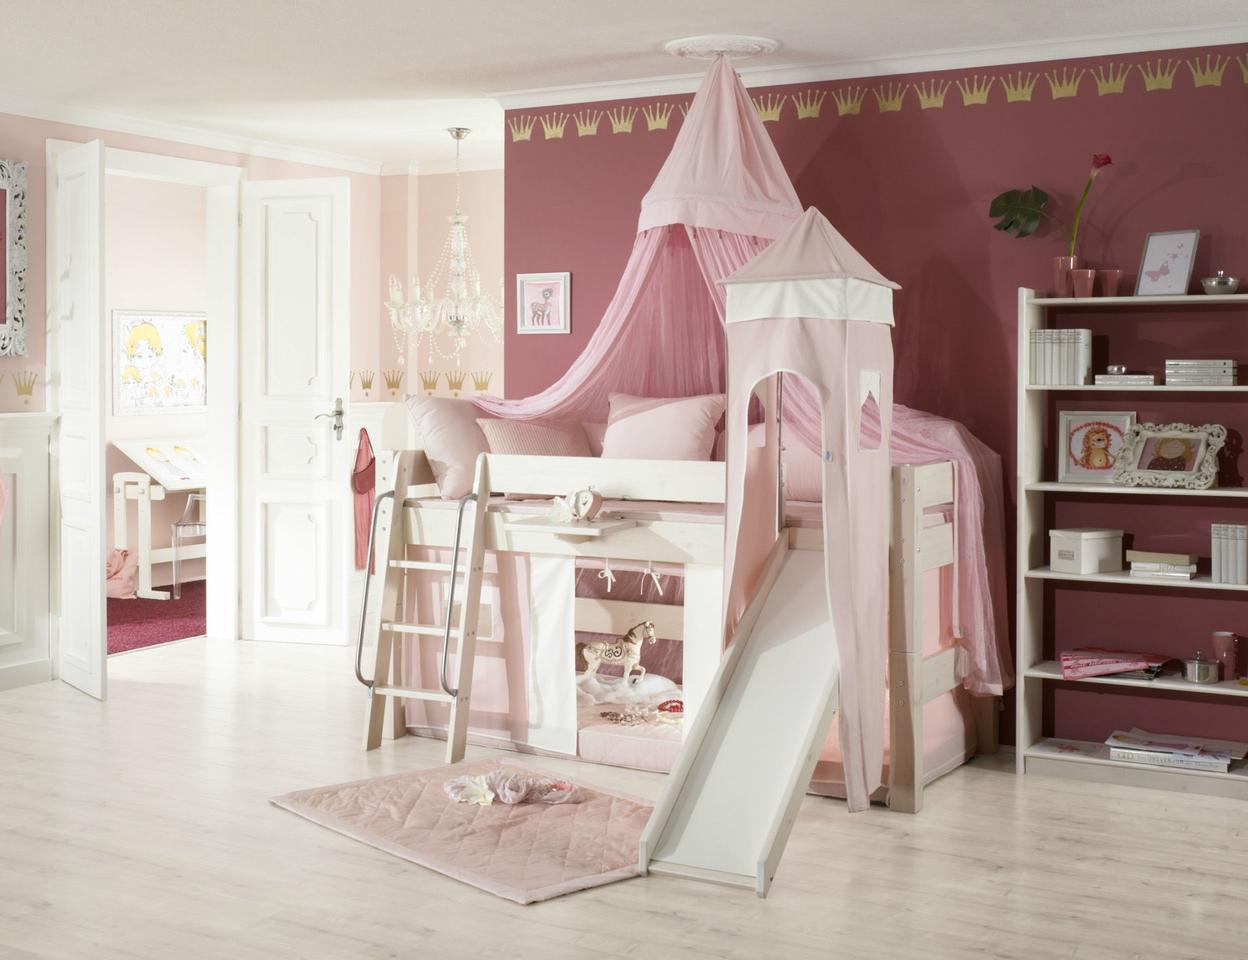 Dolphin Moby halbhohes Prinzessinnenbett mit Himmel, weiß-rosa